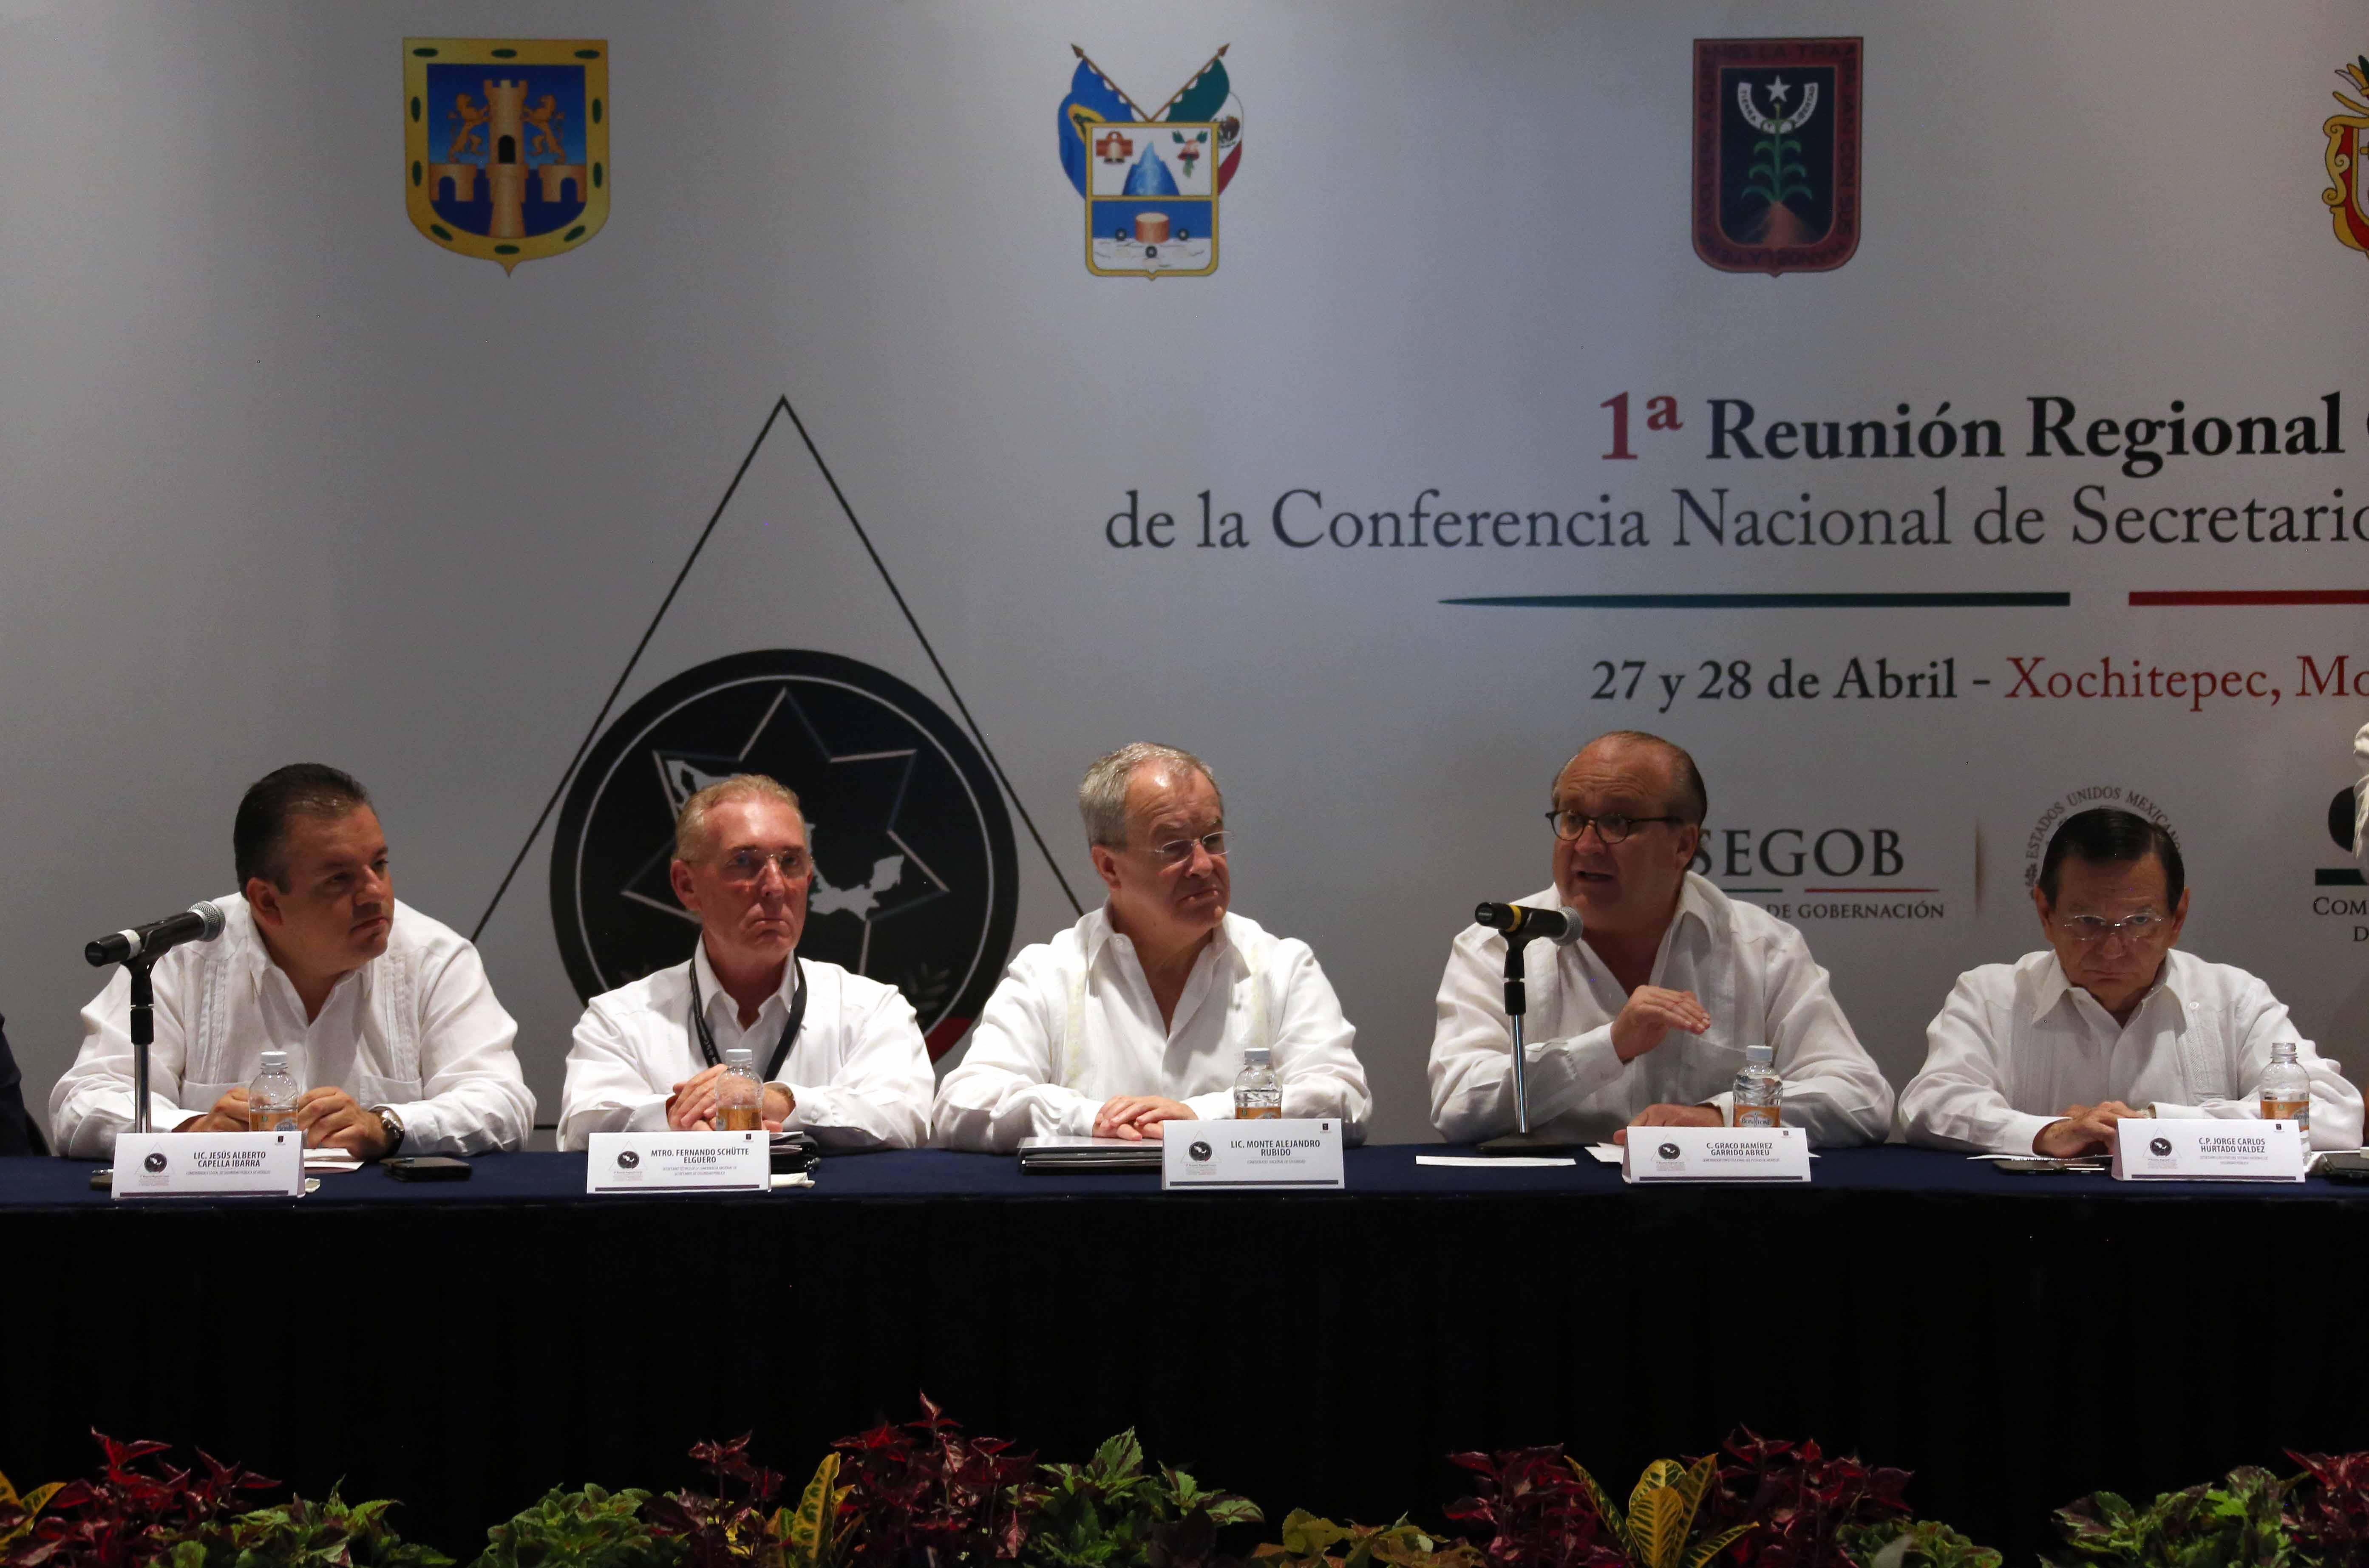 El Gobernador de Morelos, Licenciado Graco Ramírez Garrido Abreu, reconoció la importancia de la colaboración entre los tres órdenes de Gobierno